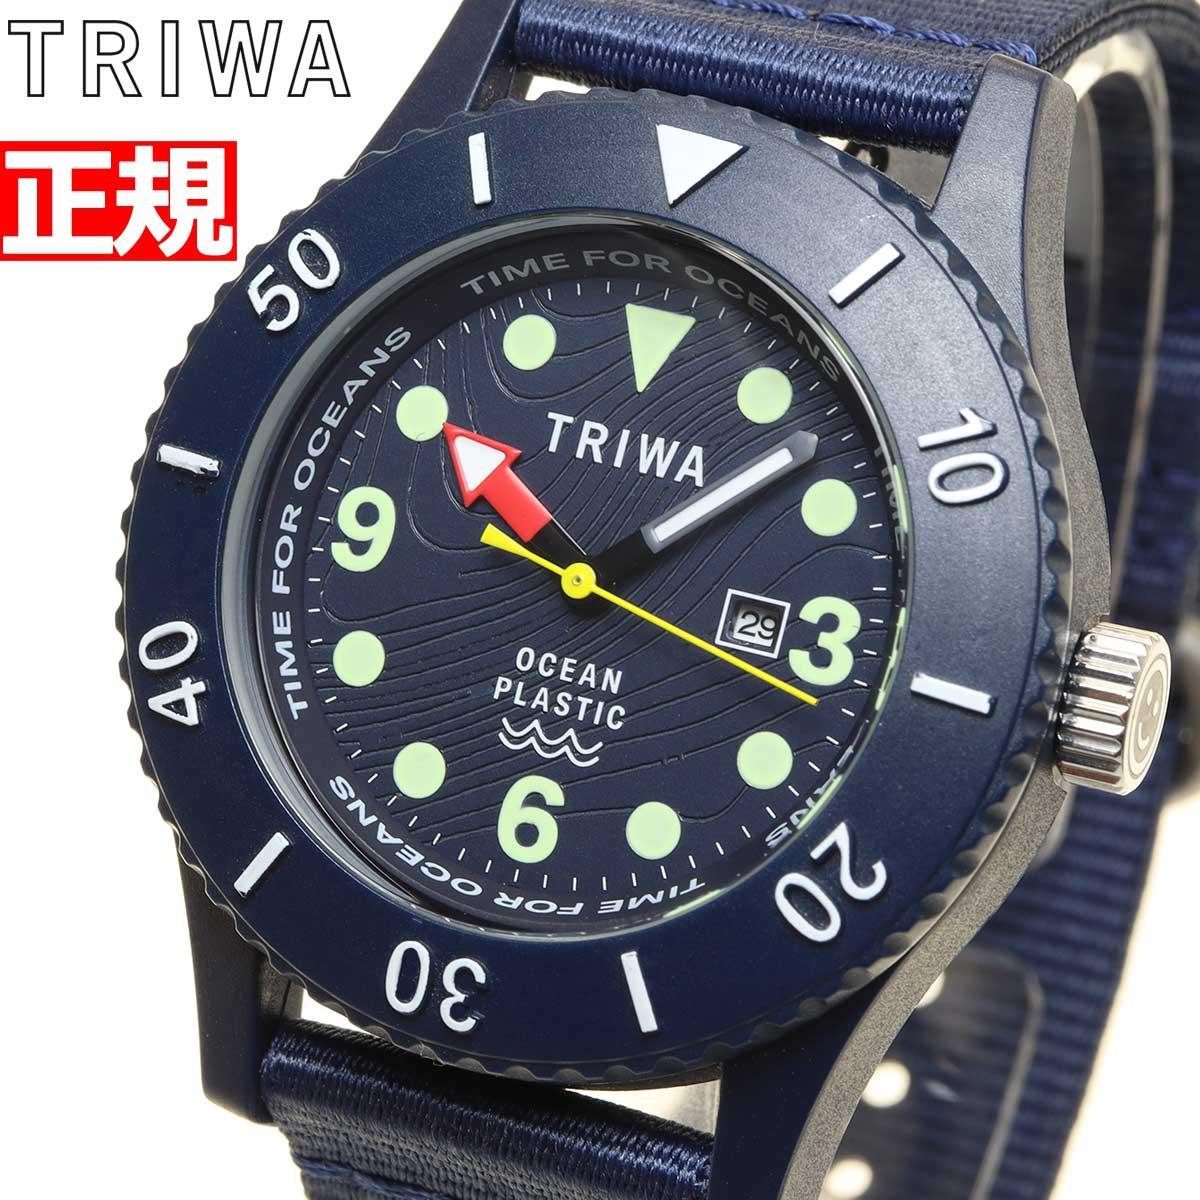 トリワ TRIWA 腕時計 メンズ レディース タイムフォーオーシャンズ サブマリーナ ディープブルー TIME FOR OCEANS SUBMARINER TFO202-CL150712